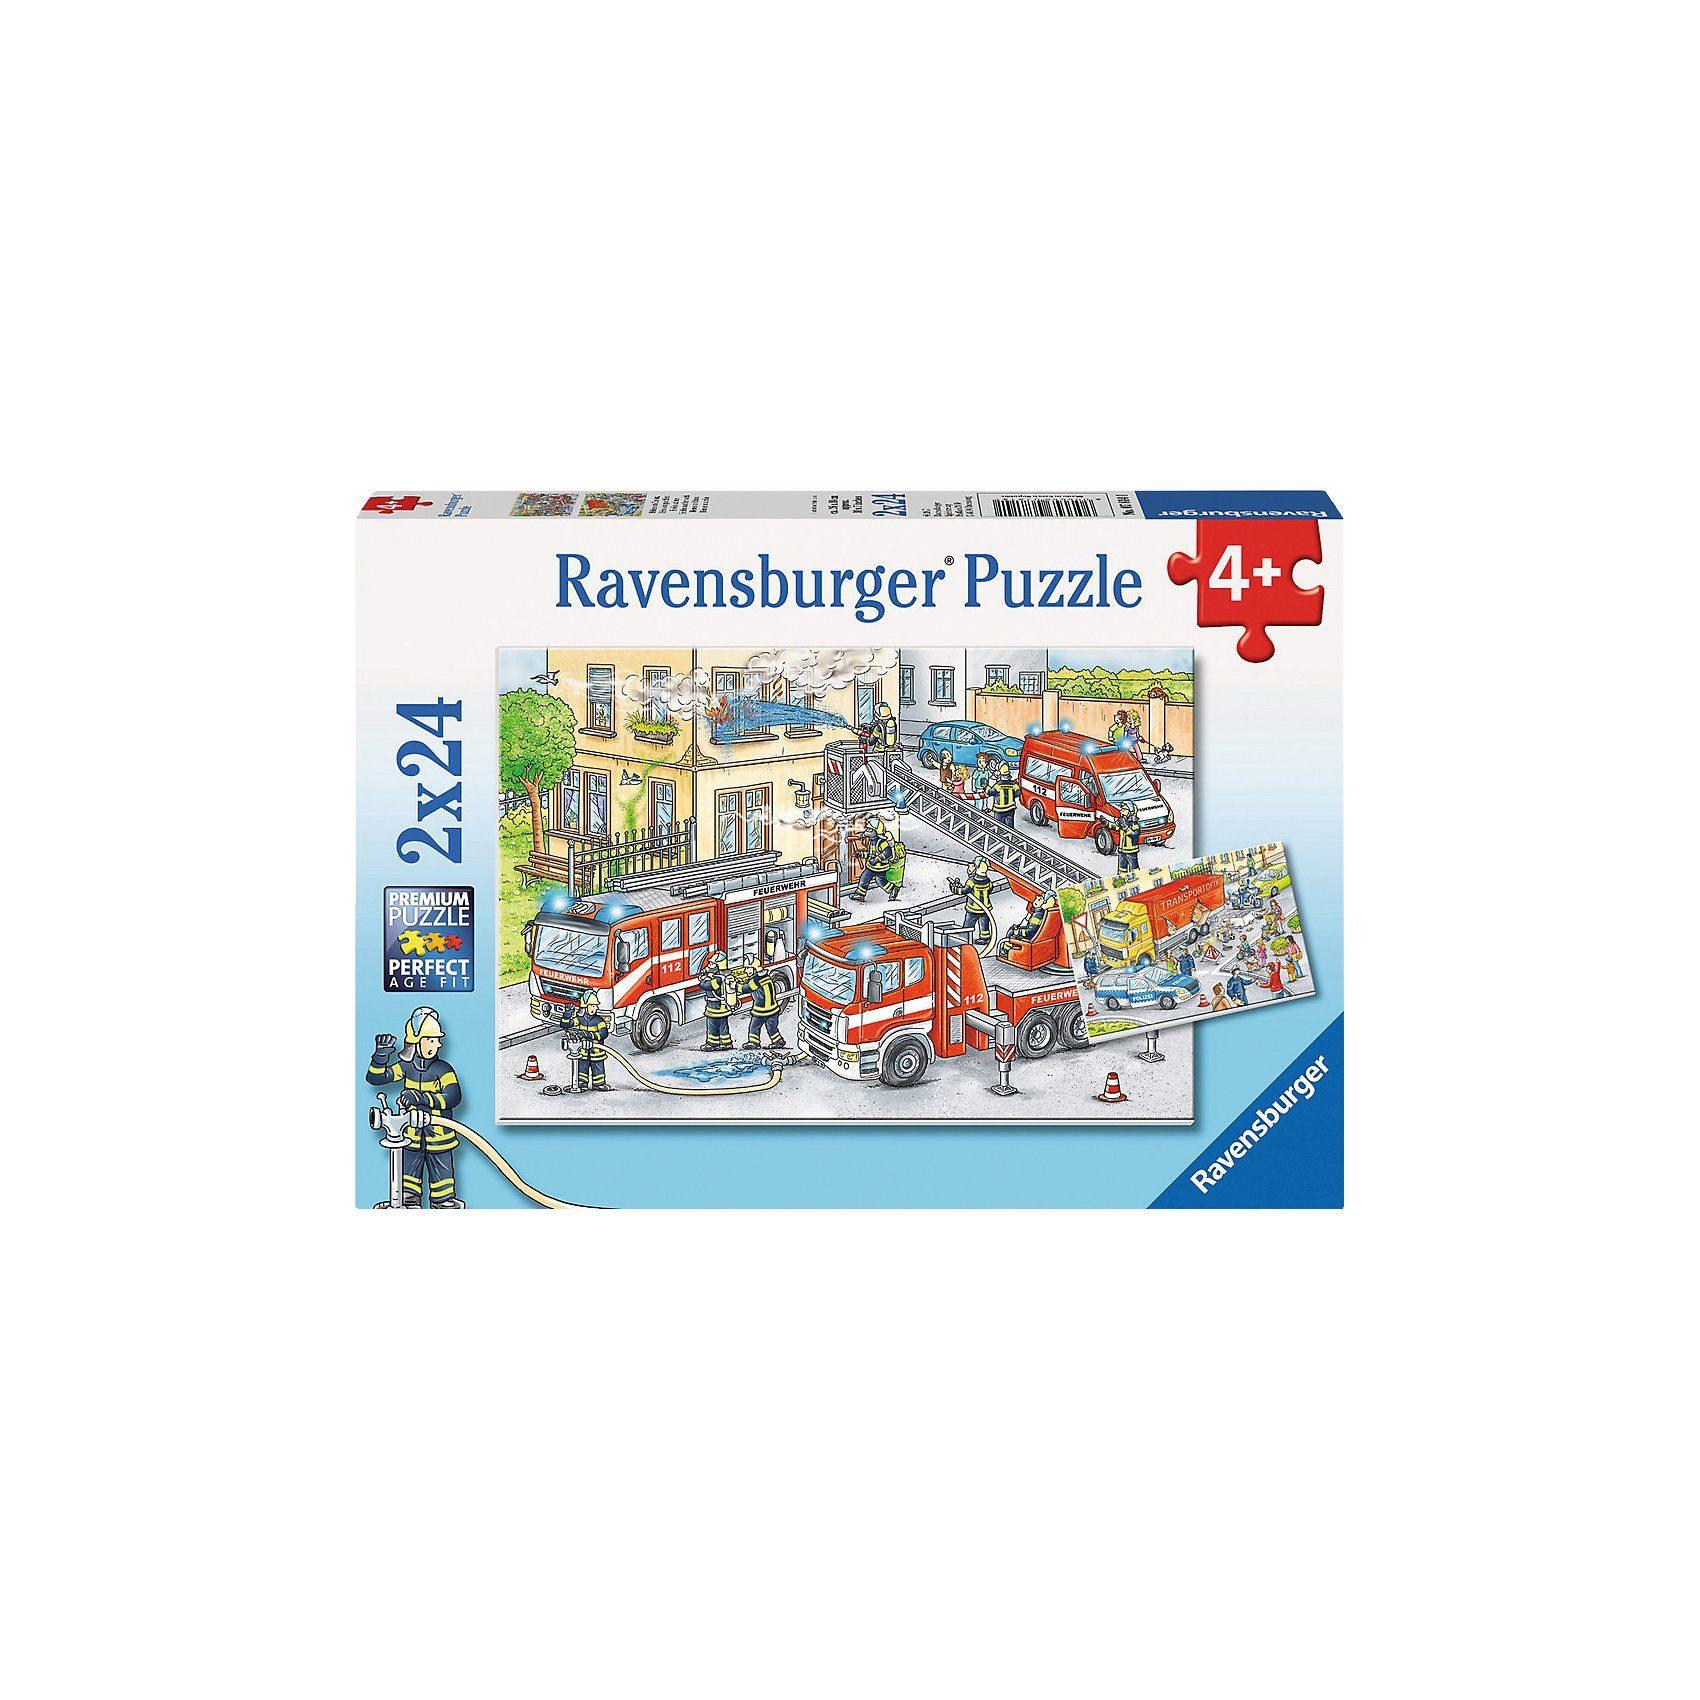 Ravensburger 2er Set Puzzle, je 24 Teile, 26x18 cm, Helden im Einsatz Puz